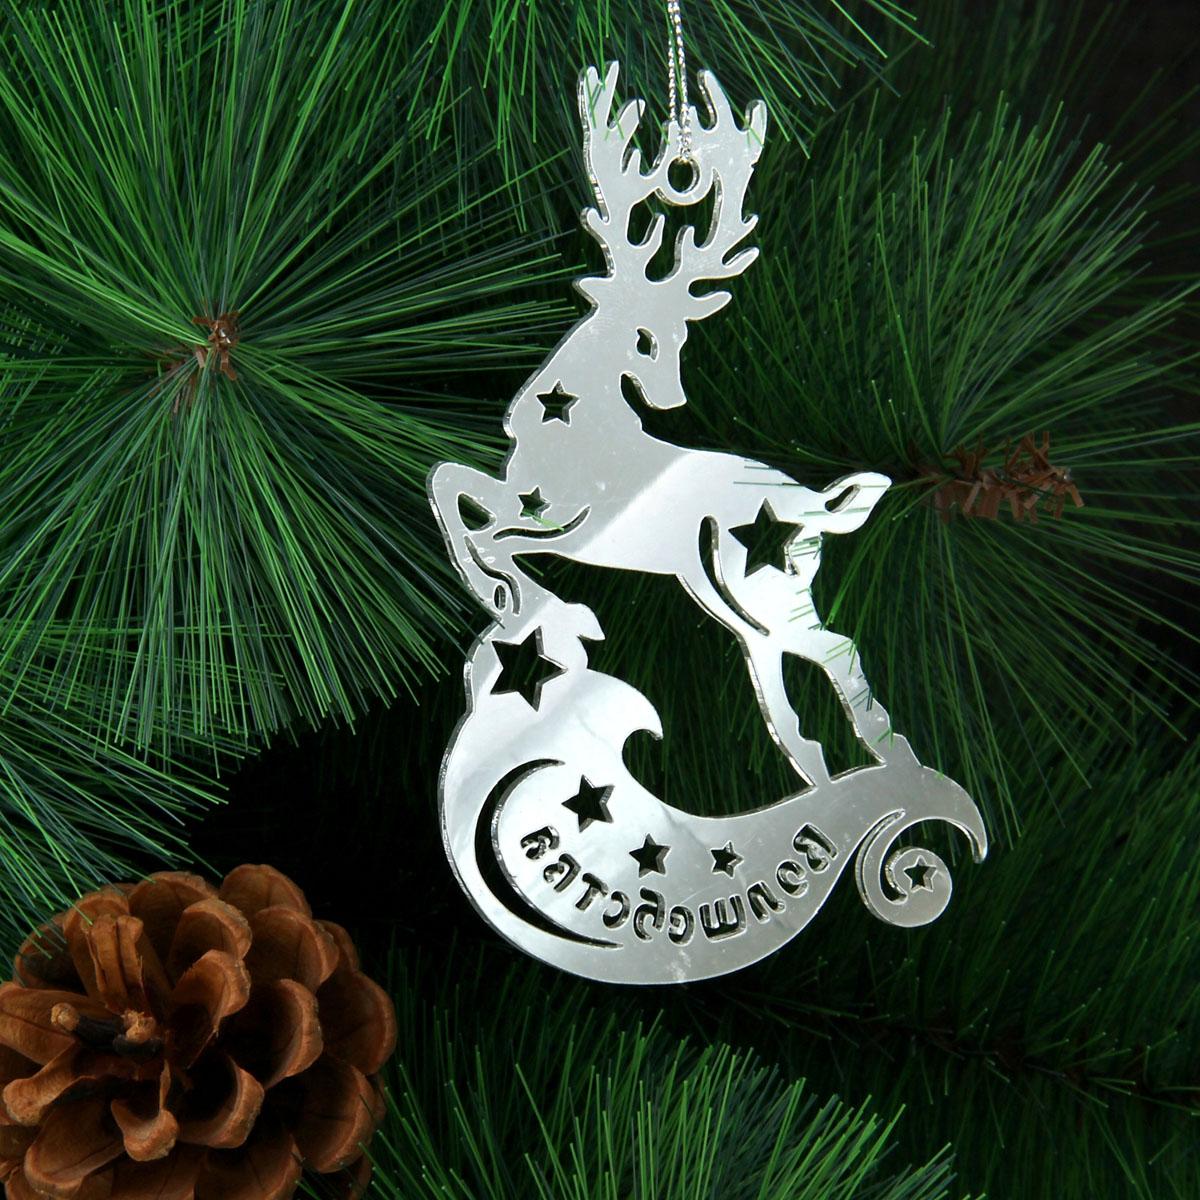 Новогоднее подвесное украшение Sima-land Волшебства, цвет: серебристый185492Новогоднее украшение Sima-land Волшебства отлично подойдет для декорации вашего дома и новогодней ели. Игрушка выполнена из акрила в виде северного оленя, декорированного изображением звезд. Украшение оснащено зеркальной поверхностью и специальной текстильной петелькой для подвешивания.Елочная игрушка - символ Нового года. Она несет в себе волшебство и красоту праздника. Создайте в своем доме атмосферу веселья и радости, украшая всей семьей новогоднюю елку нарядными игрушками, которые будут из года в год накапливать теплоту воспоминаний. Коллекция декоративных украшений из серии Зимнее волшебство принесет в ваш дом ни с чем не сравнимое ощущение праздника! Материал: акрил, текстиль.